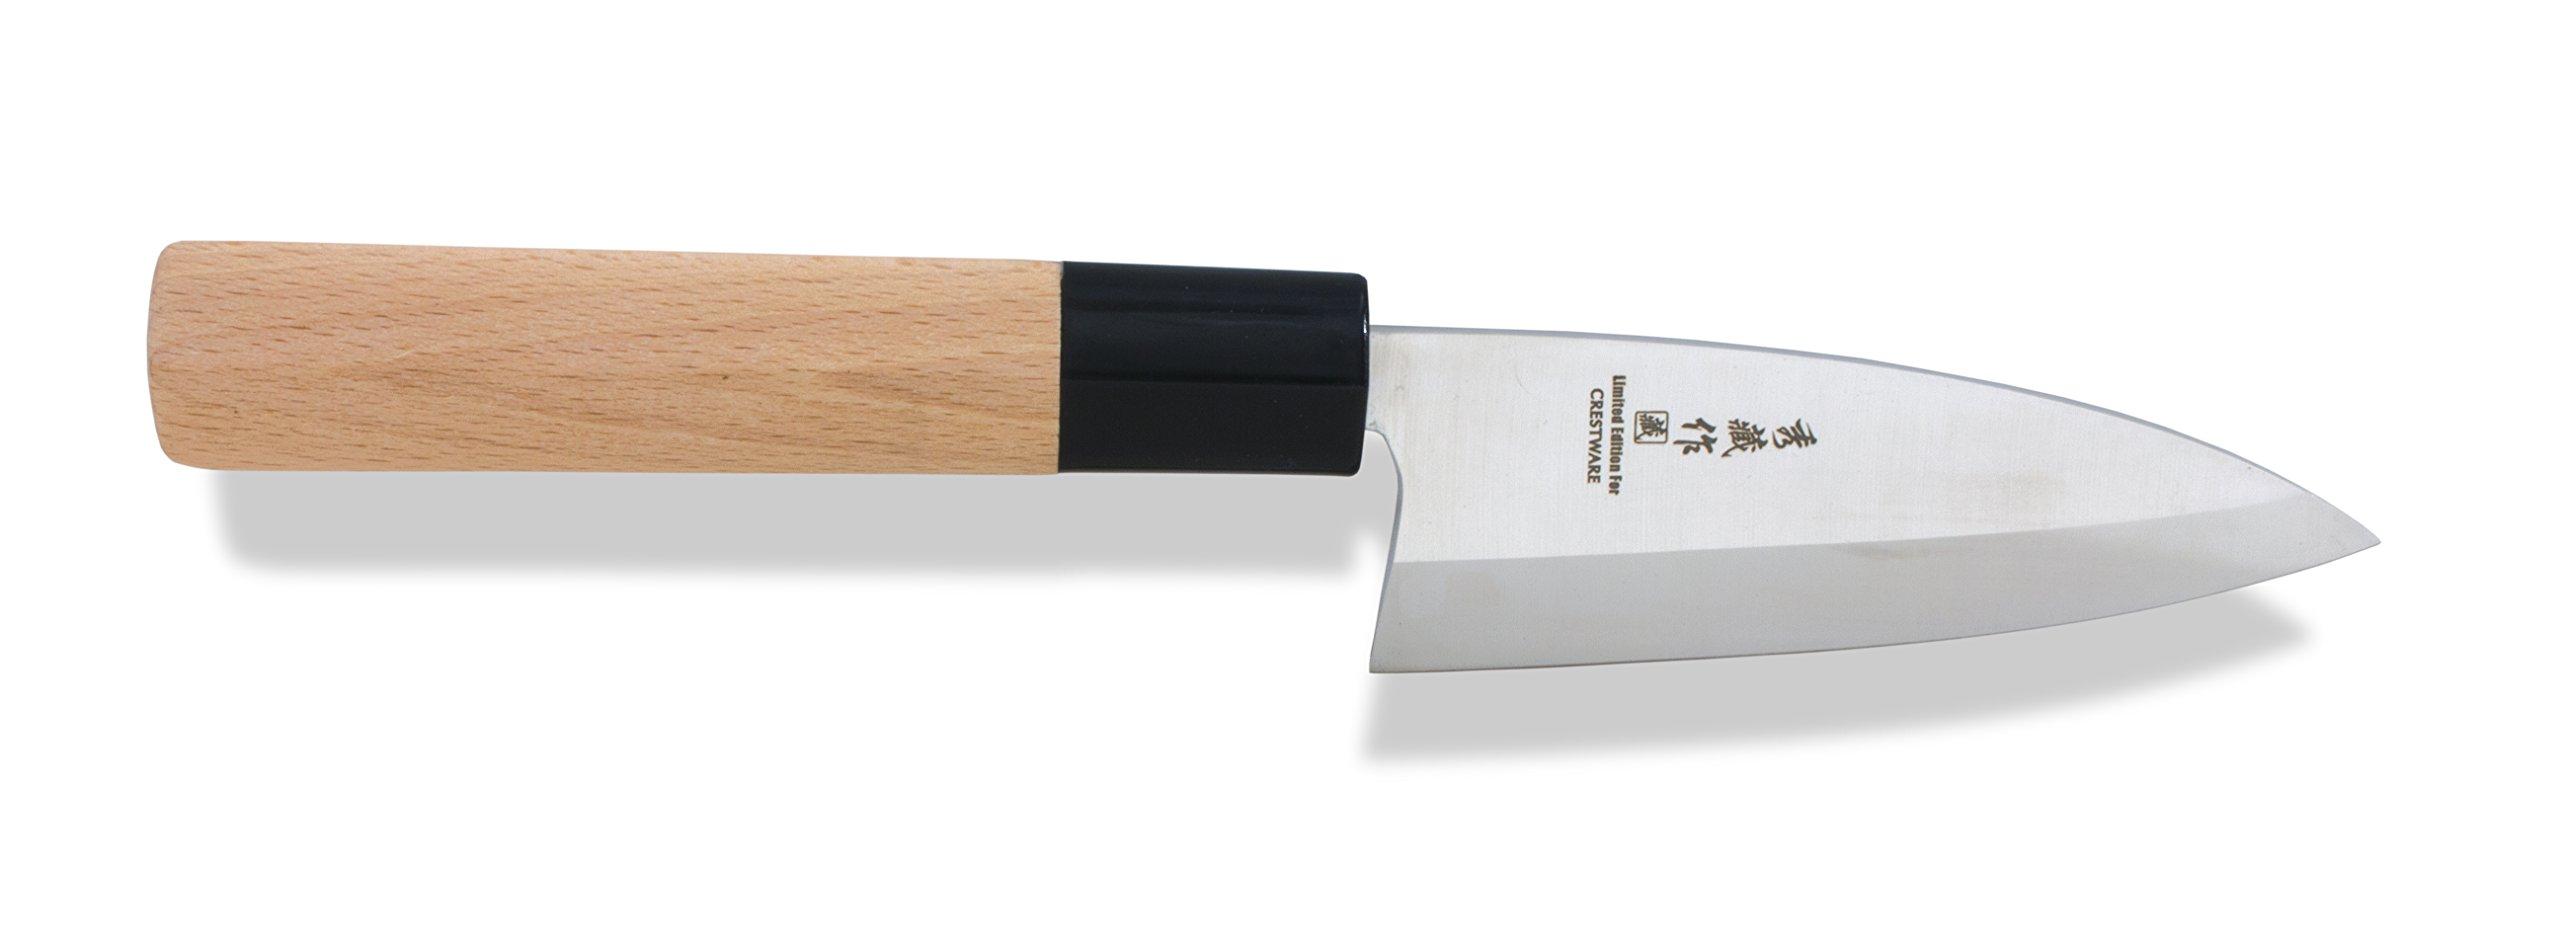 Crestware KN310 Deba Knife, 5'', Silver by CRESTWARE